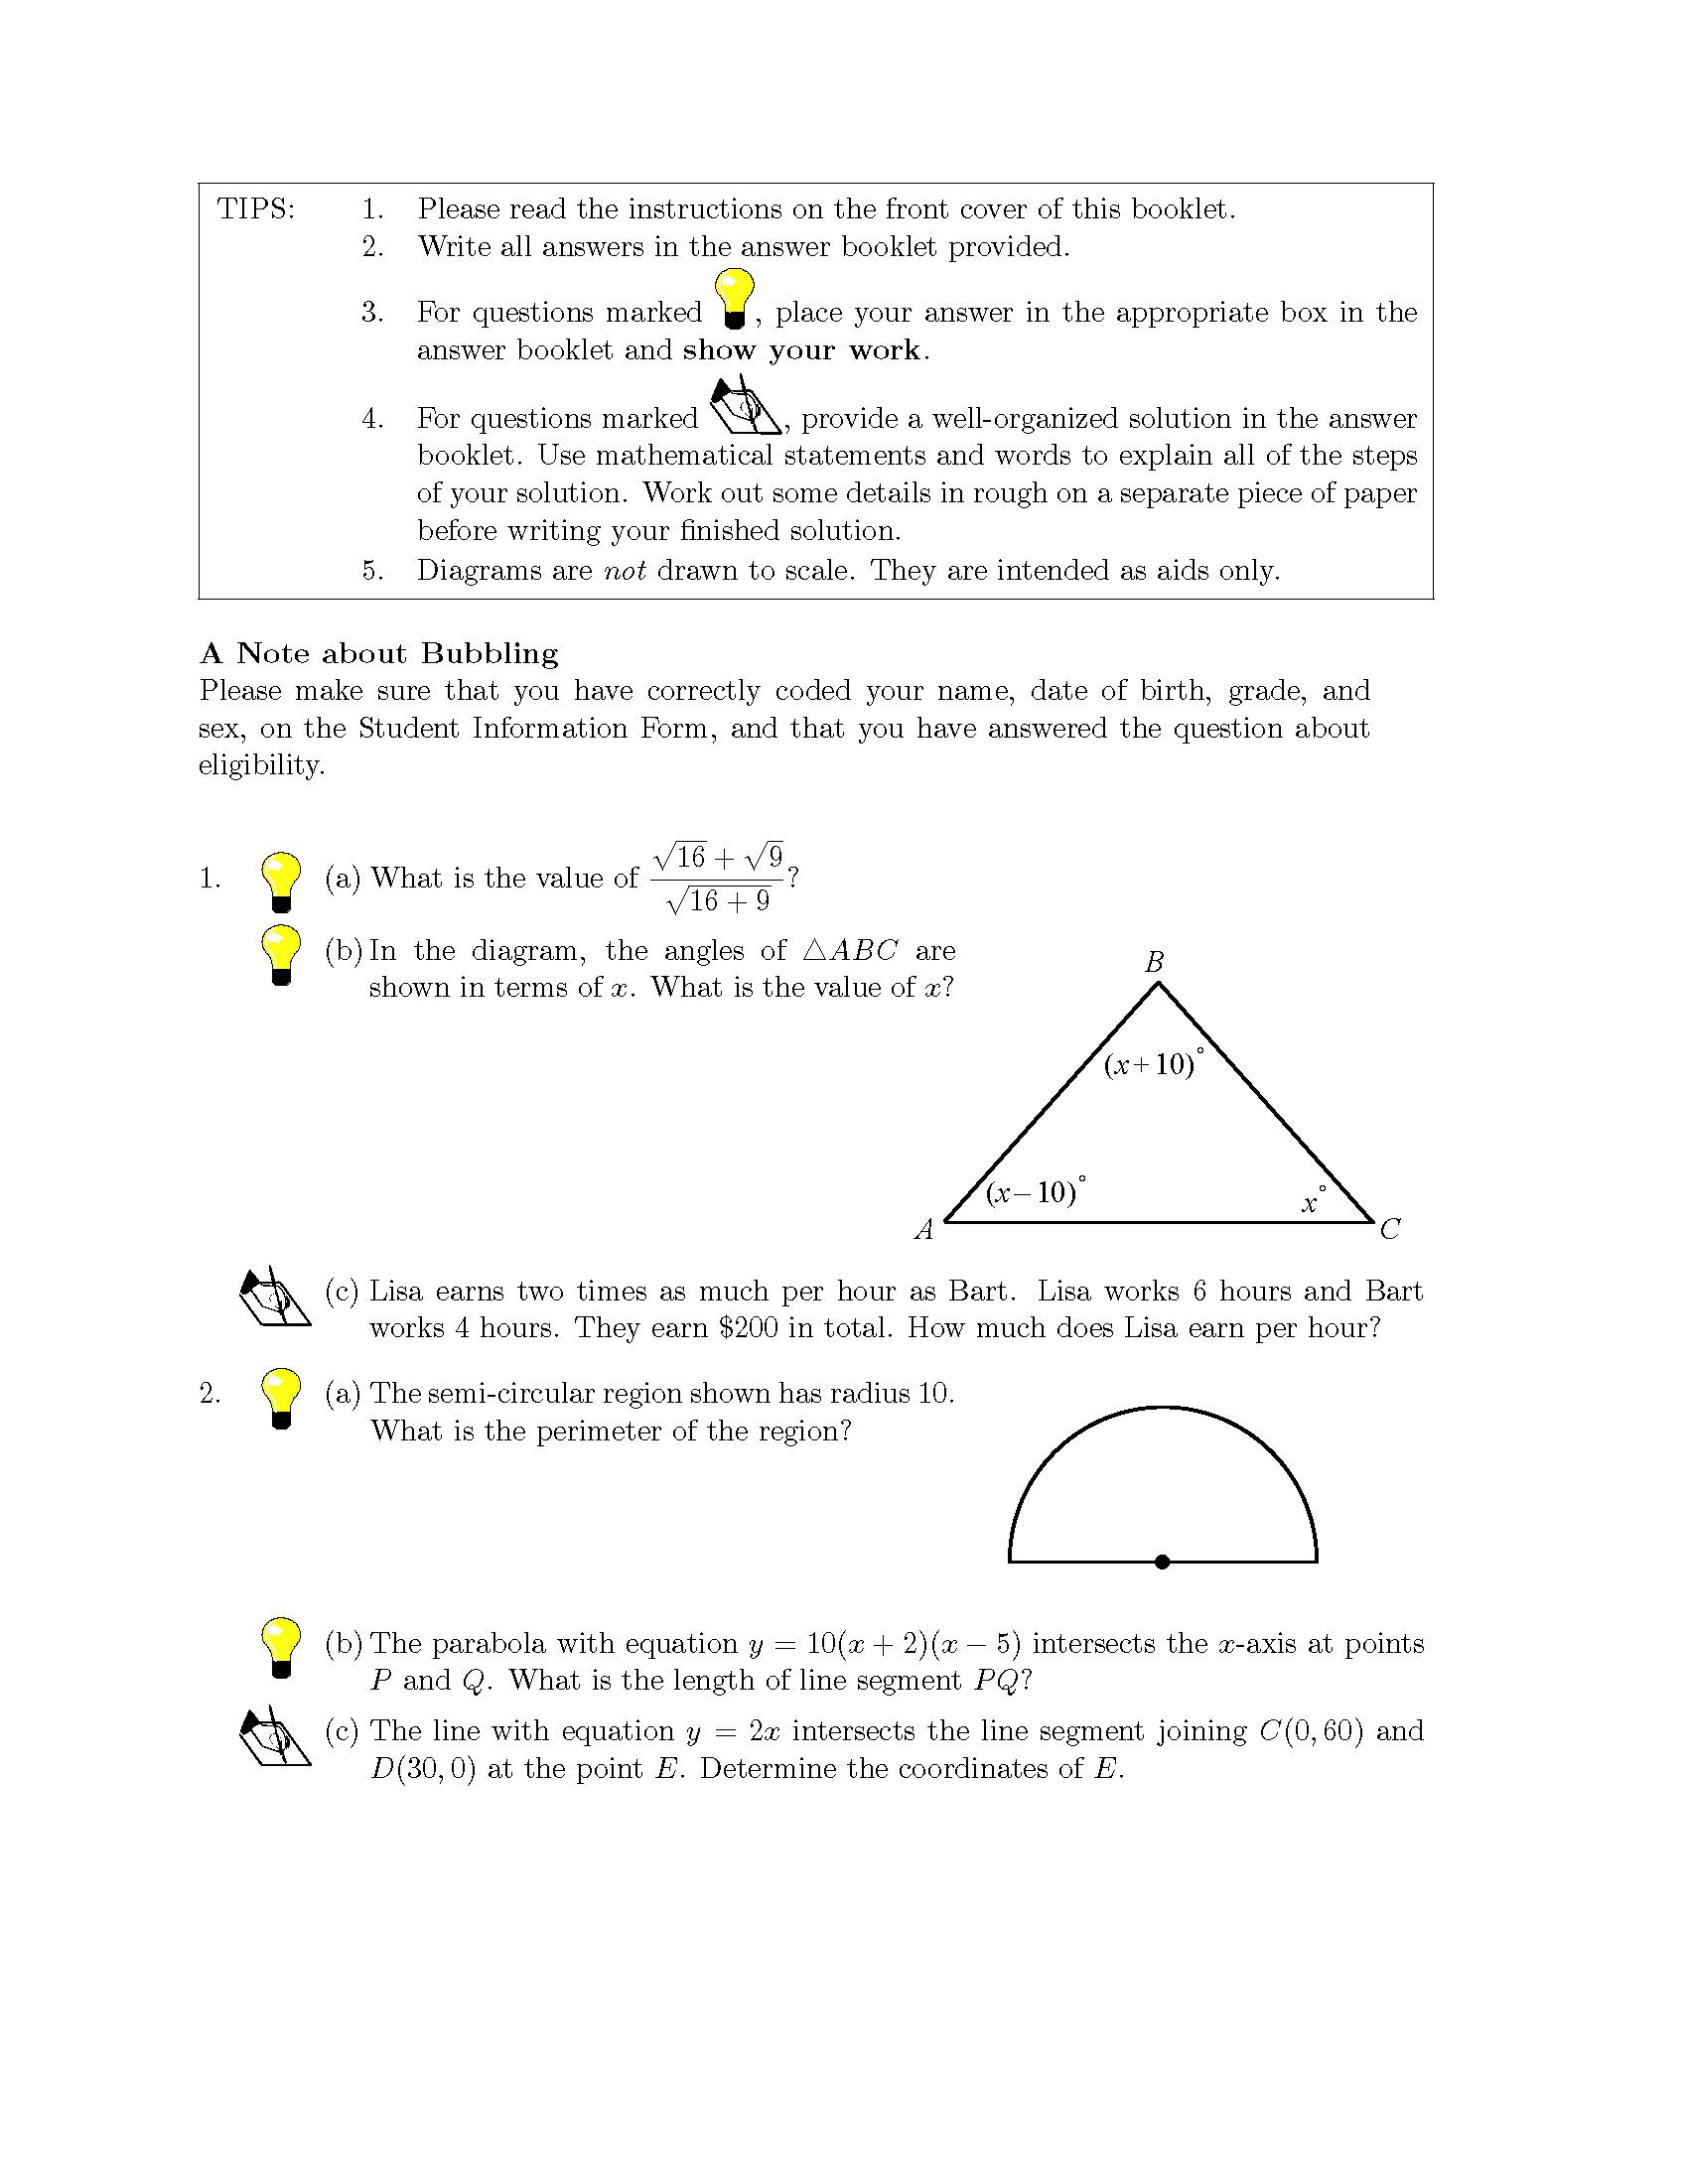 加拿大数学竞赛CMC-Euclid欧几里德数学竞赛2014年真题